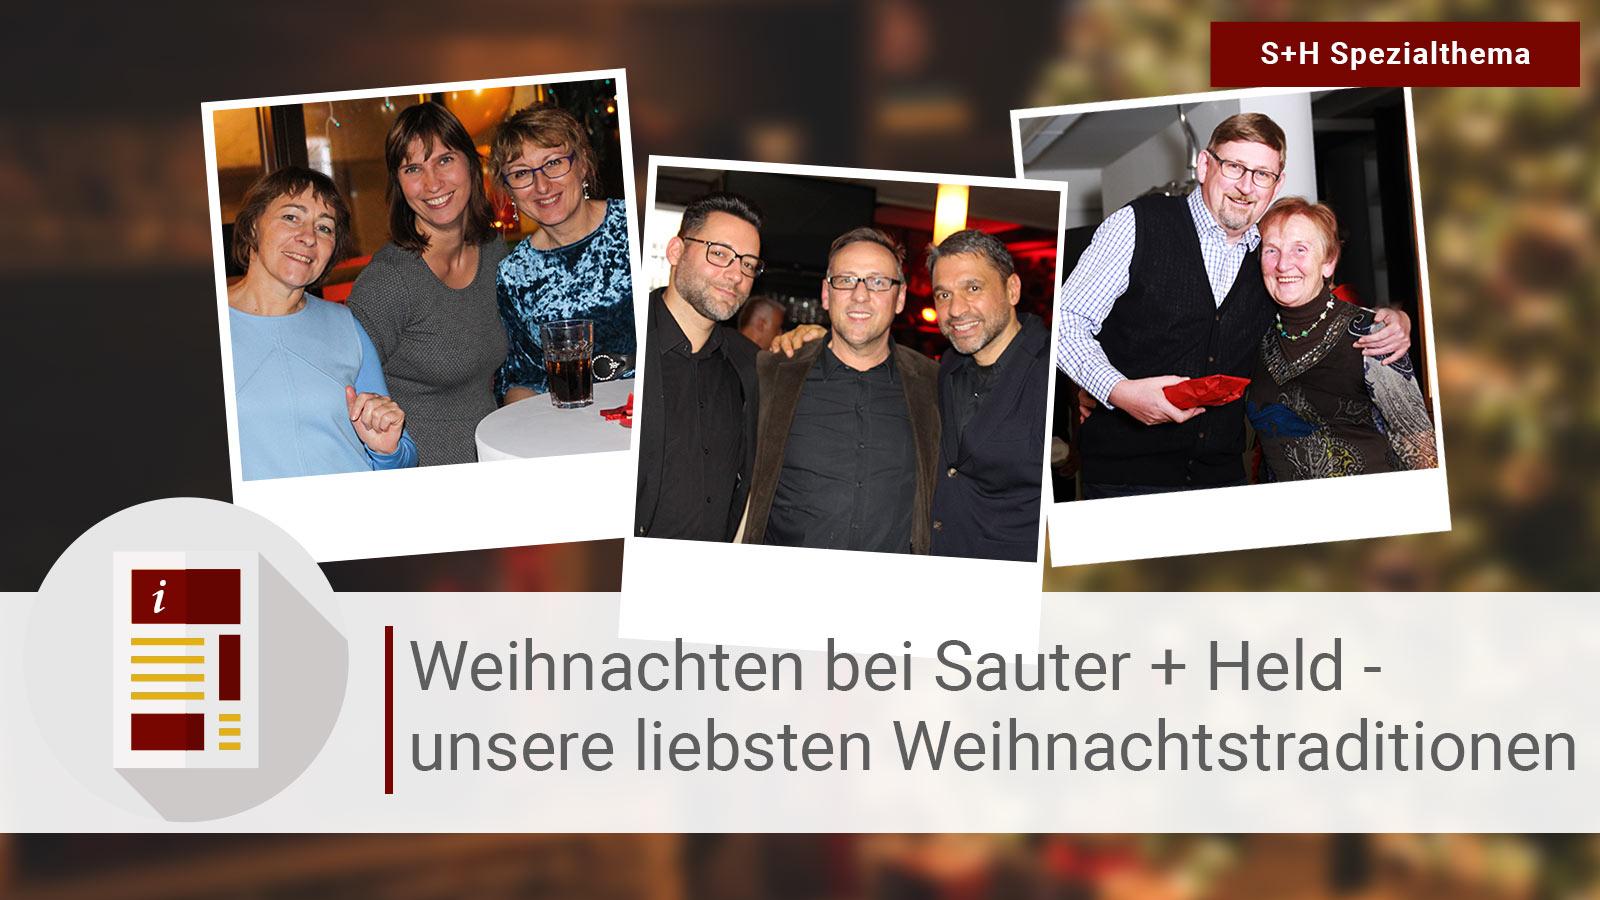 Weihnachten bei Sauter + Held: Unsere liebsten Weihnachtstraditionen